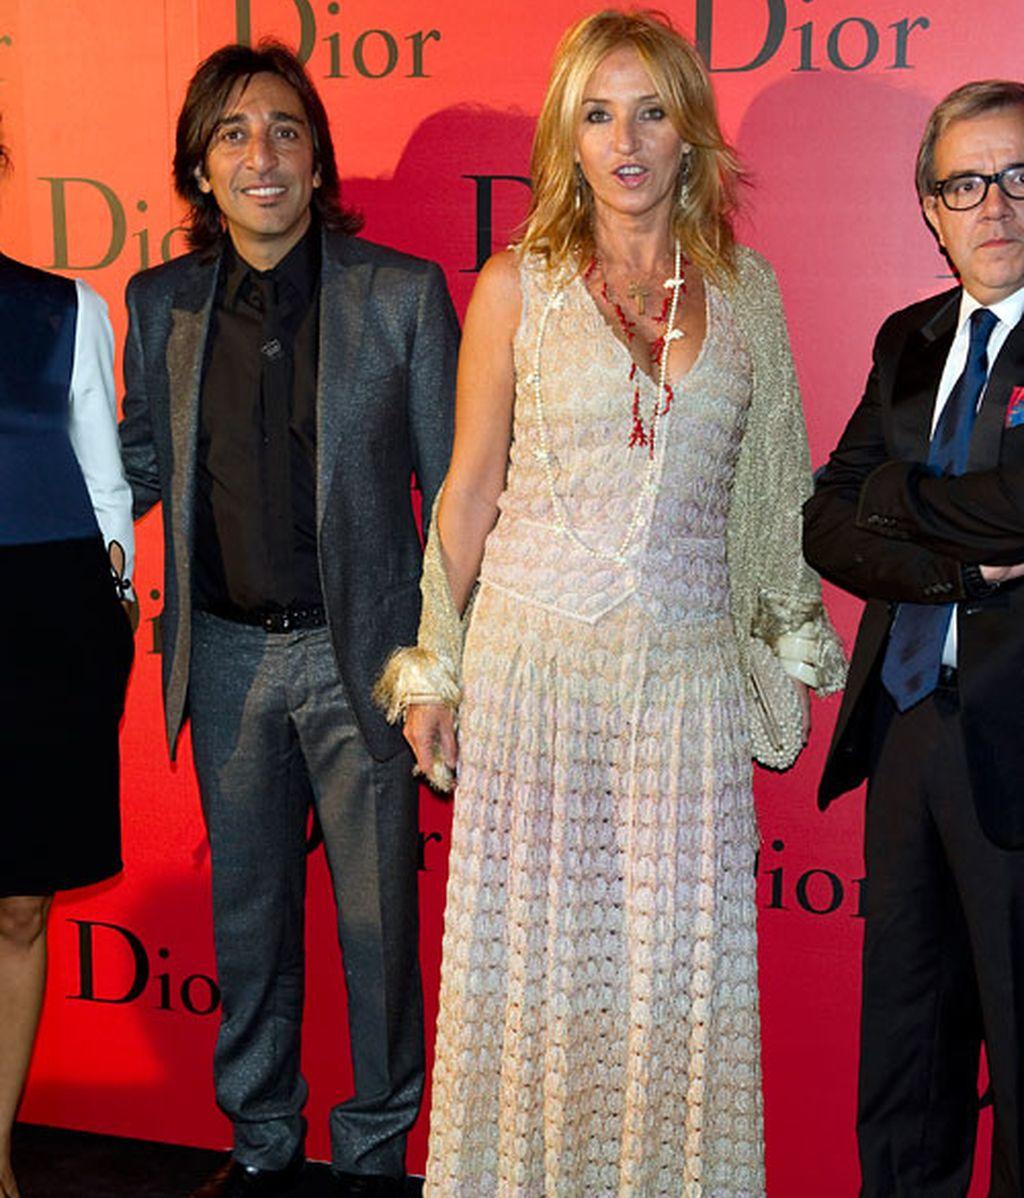 Fiesta Dior